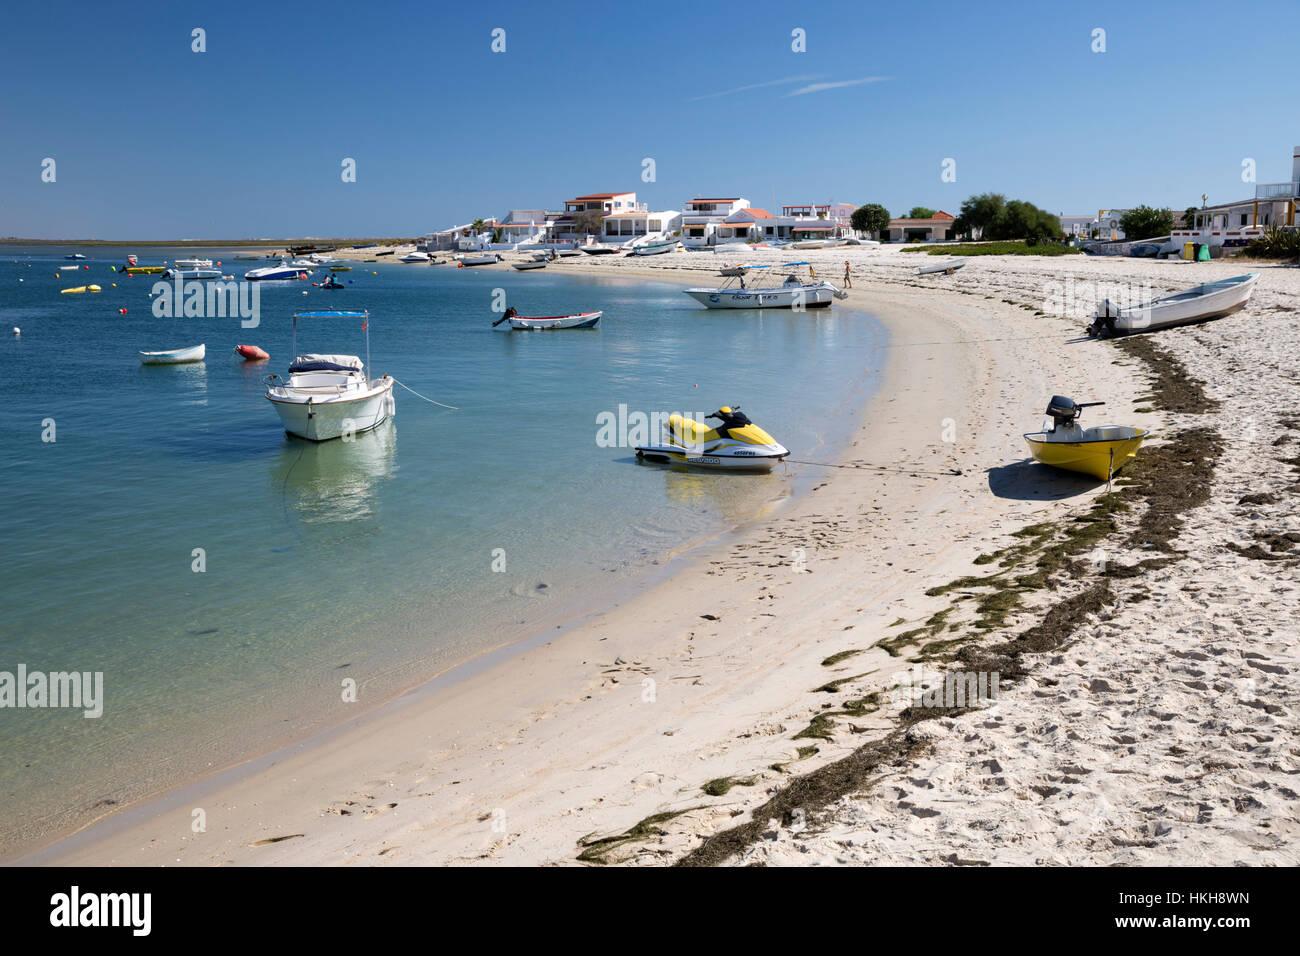 Spiaggia e insediamento sulla Ilha da Armona isola barriera, Olhao, Algarve, Portogallo, Europa Immagini Stock